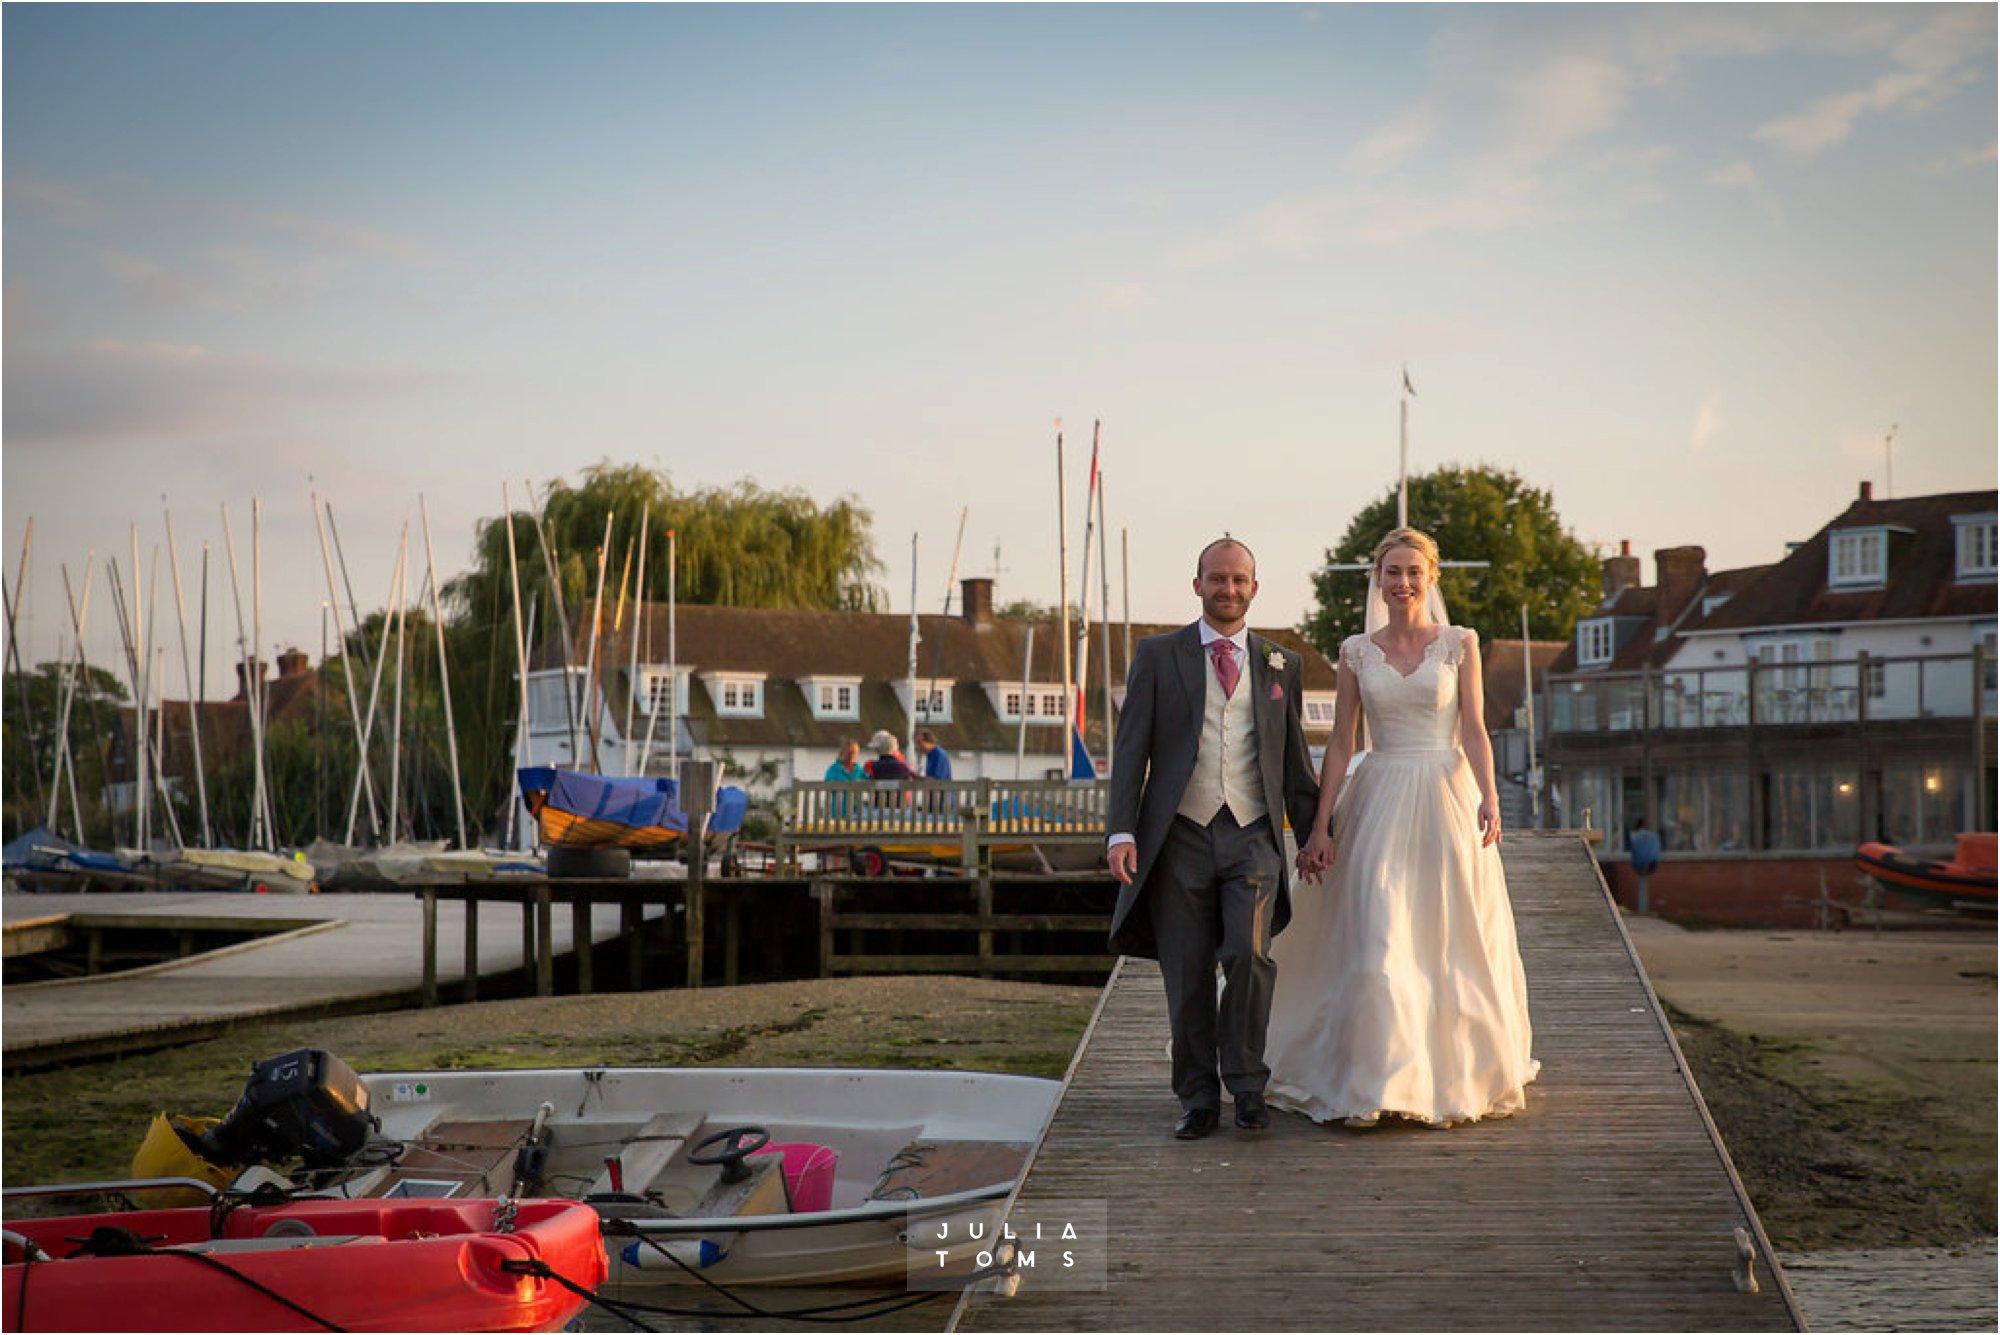 itchenor_wedding_chichester_photographer_049.jpg